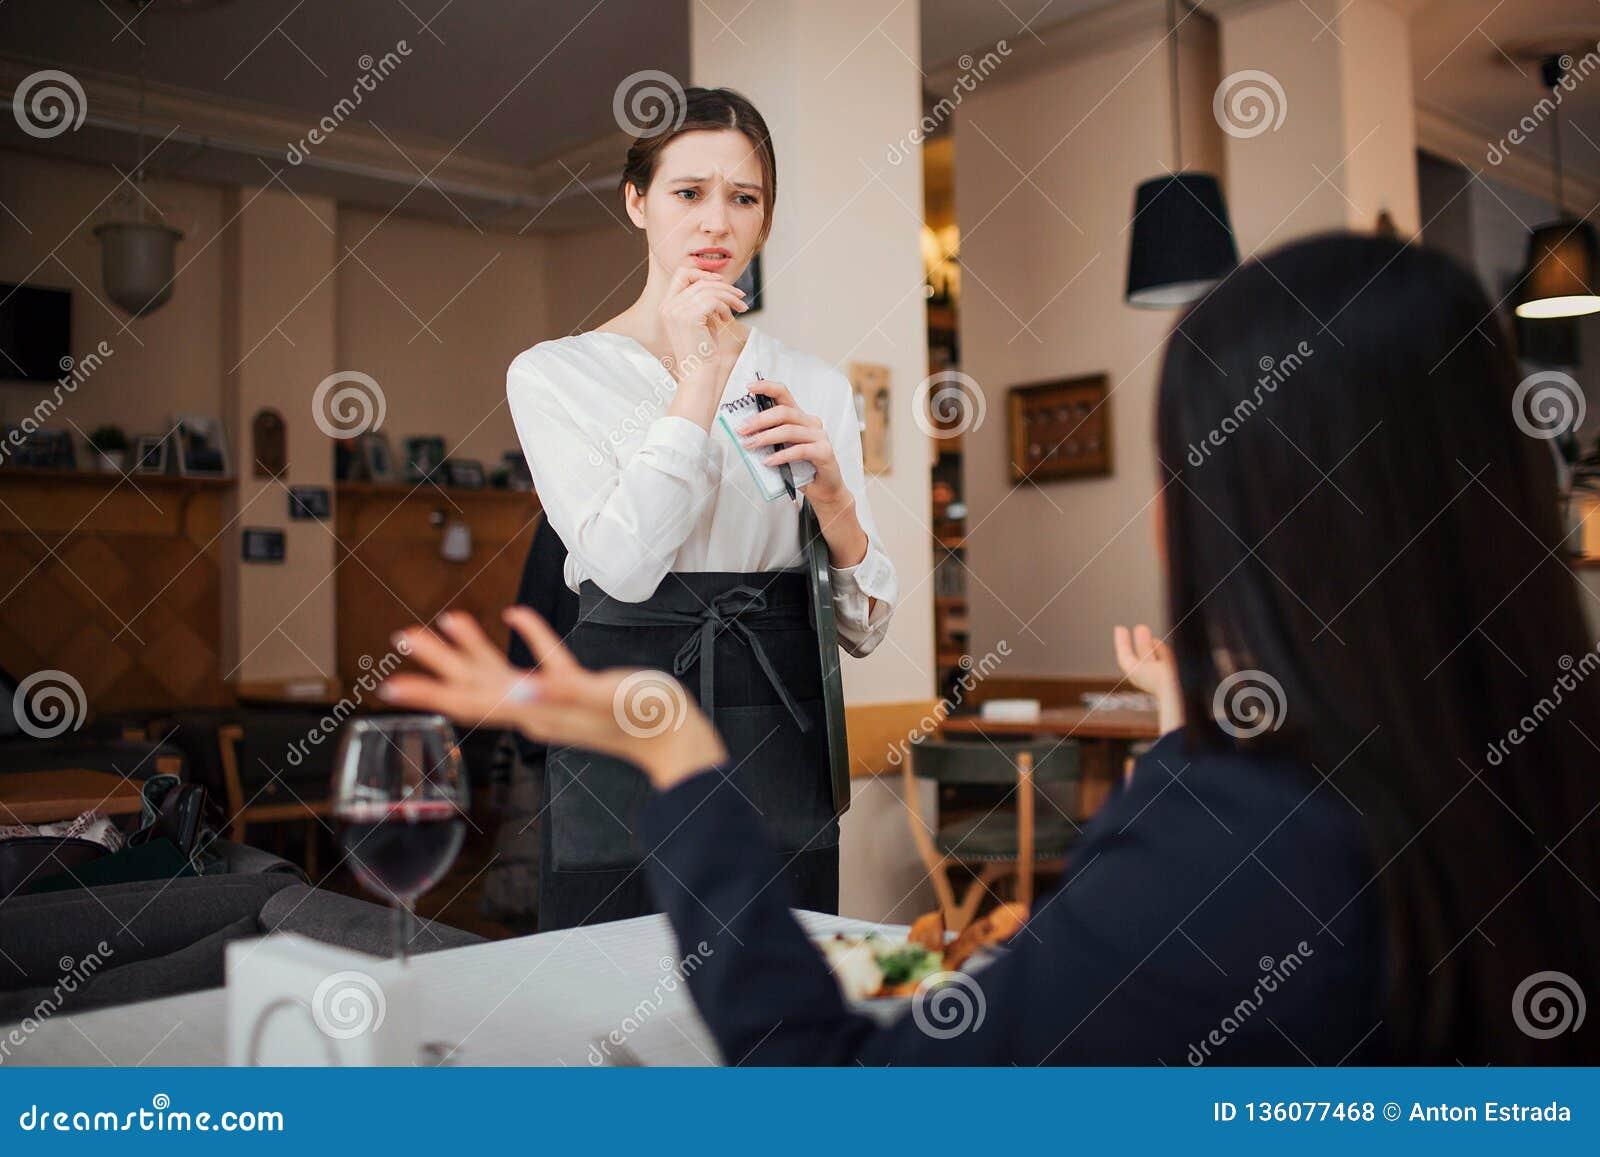 Weiblicher Kunde beschweren sich zur Kellnerin Sie hält Hände beiseite Kellnerin betrachten sie mit Interesse Sie steht bei Tisch